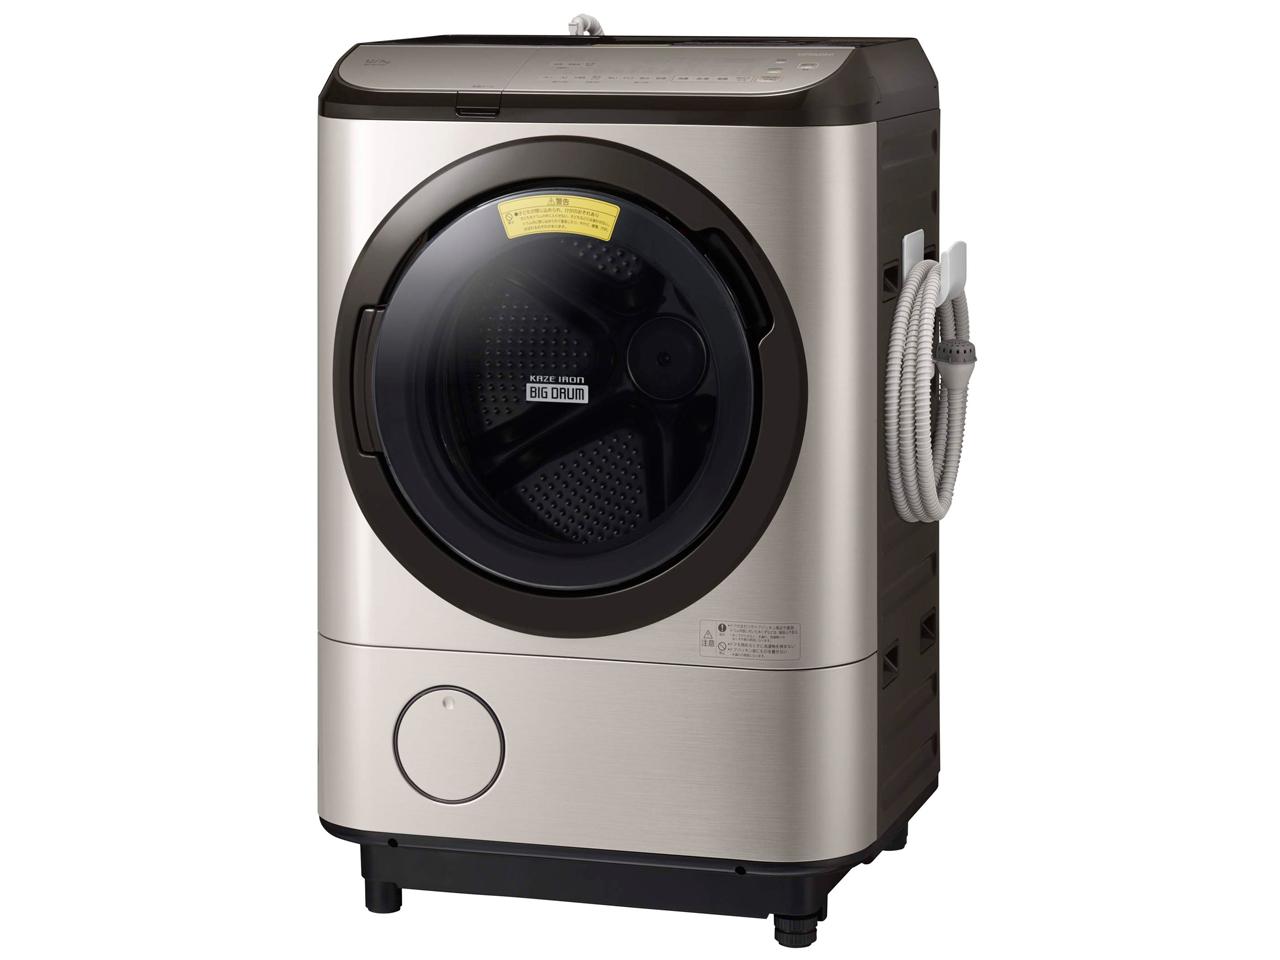 【標準設置対応付】日立 ドラム式洗濯乾燥機 洗濯12kg/乾燥7kg 左開き ステンレスシャンパンBD-NX120FL N